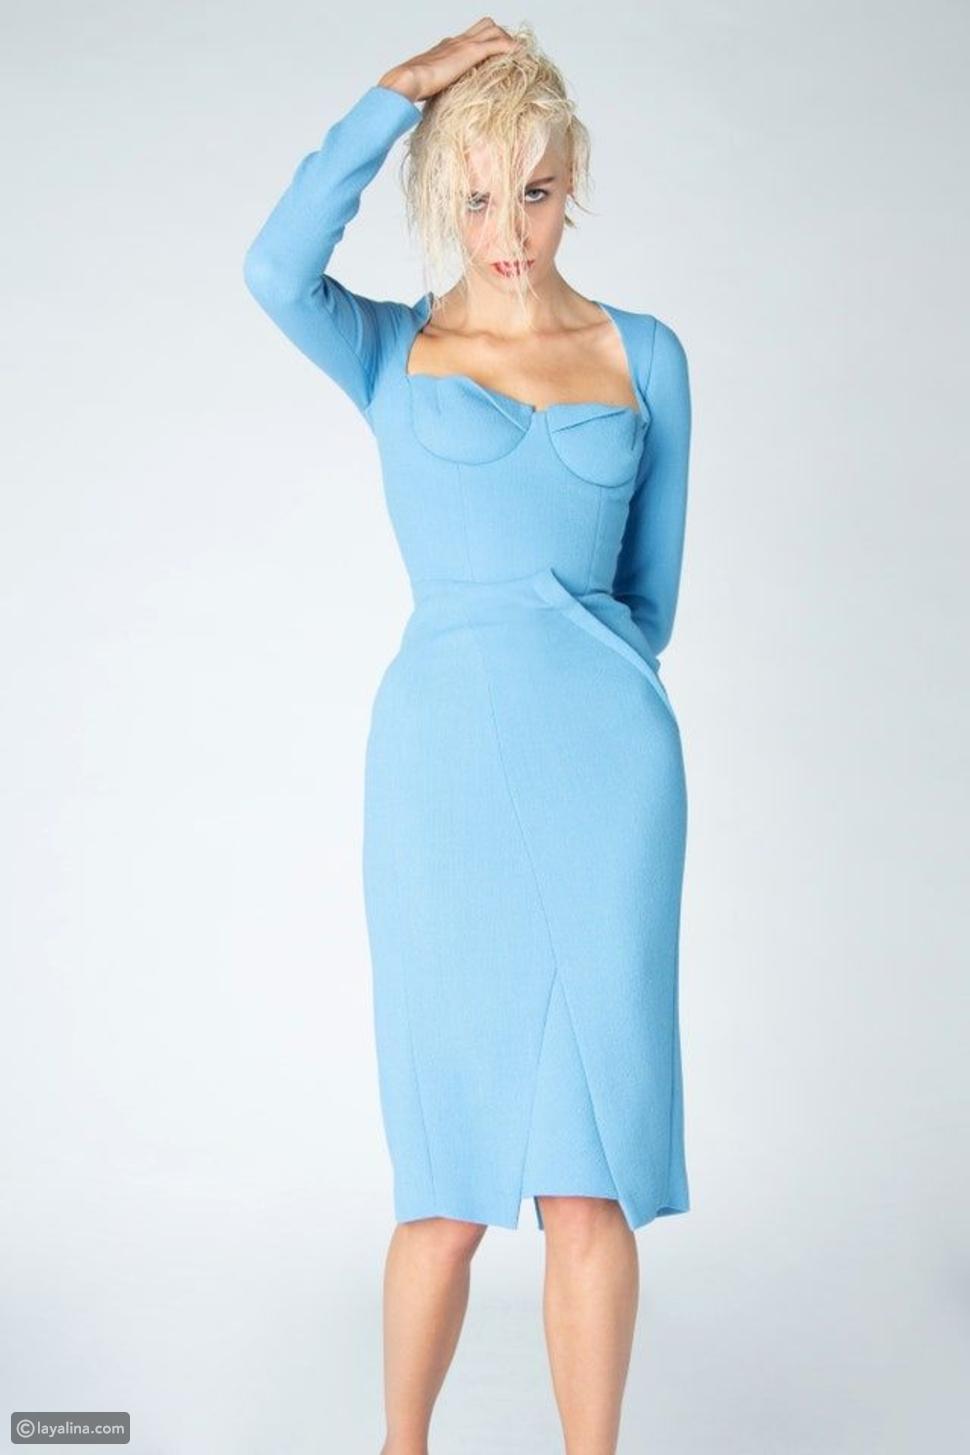 فستان بخط رقبة مربع من مجموعةRoland Mouret